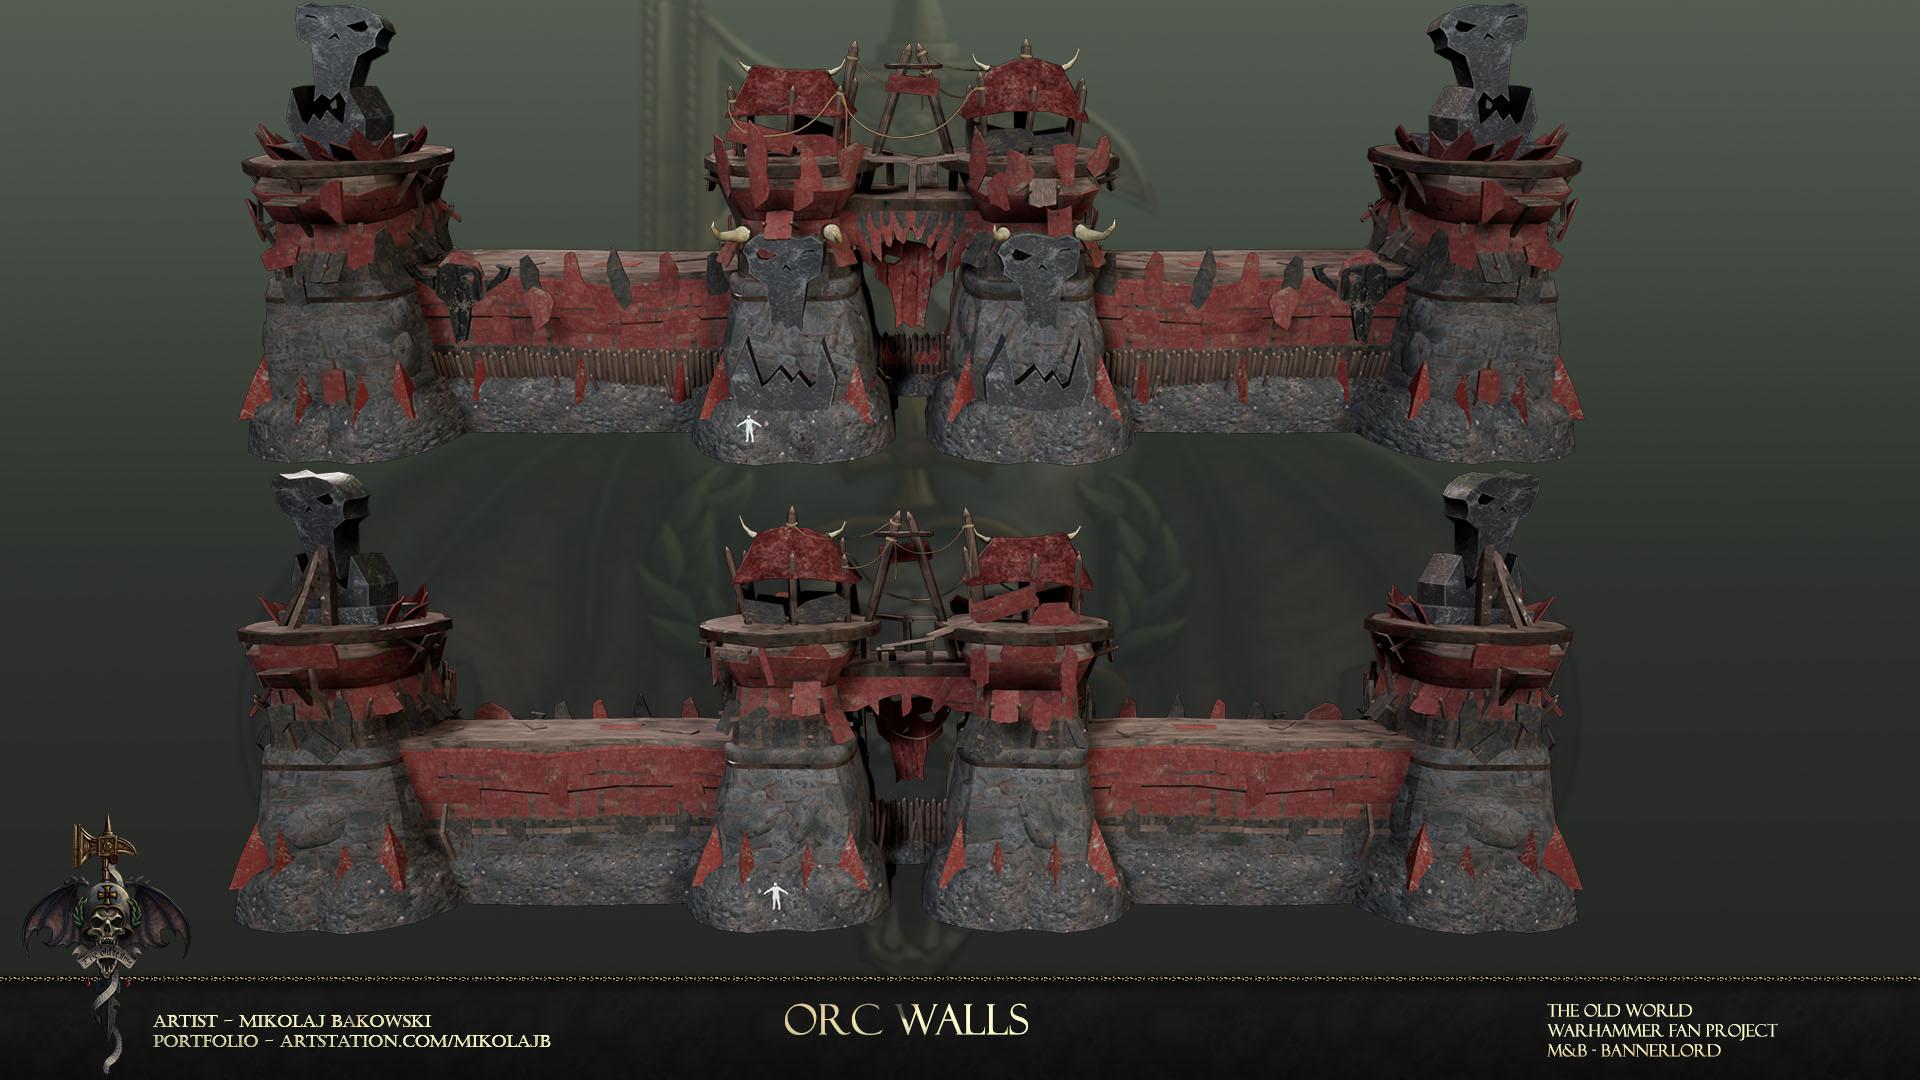 orc walls 2